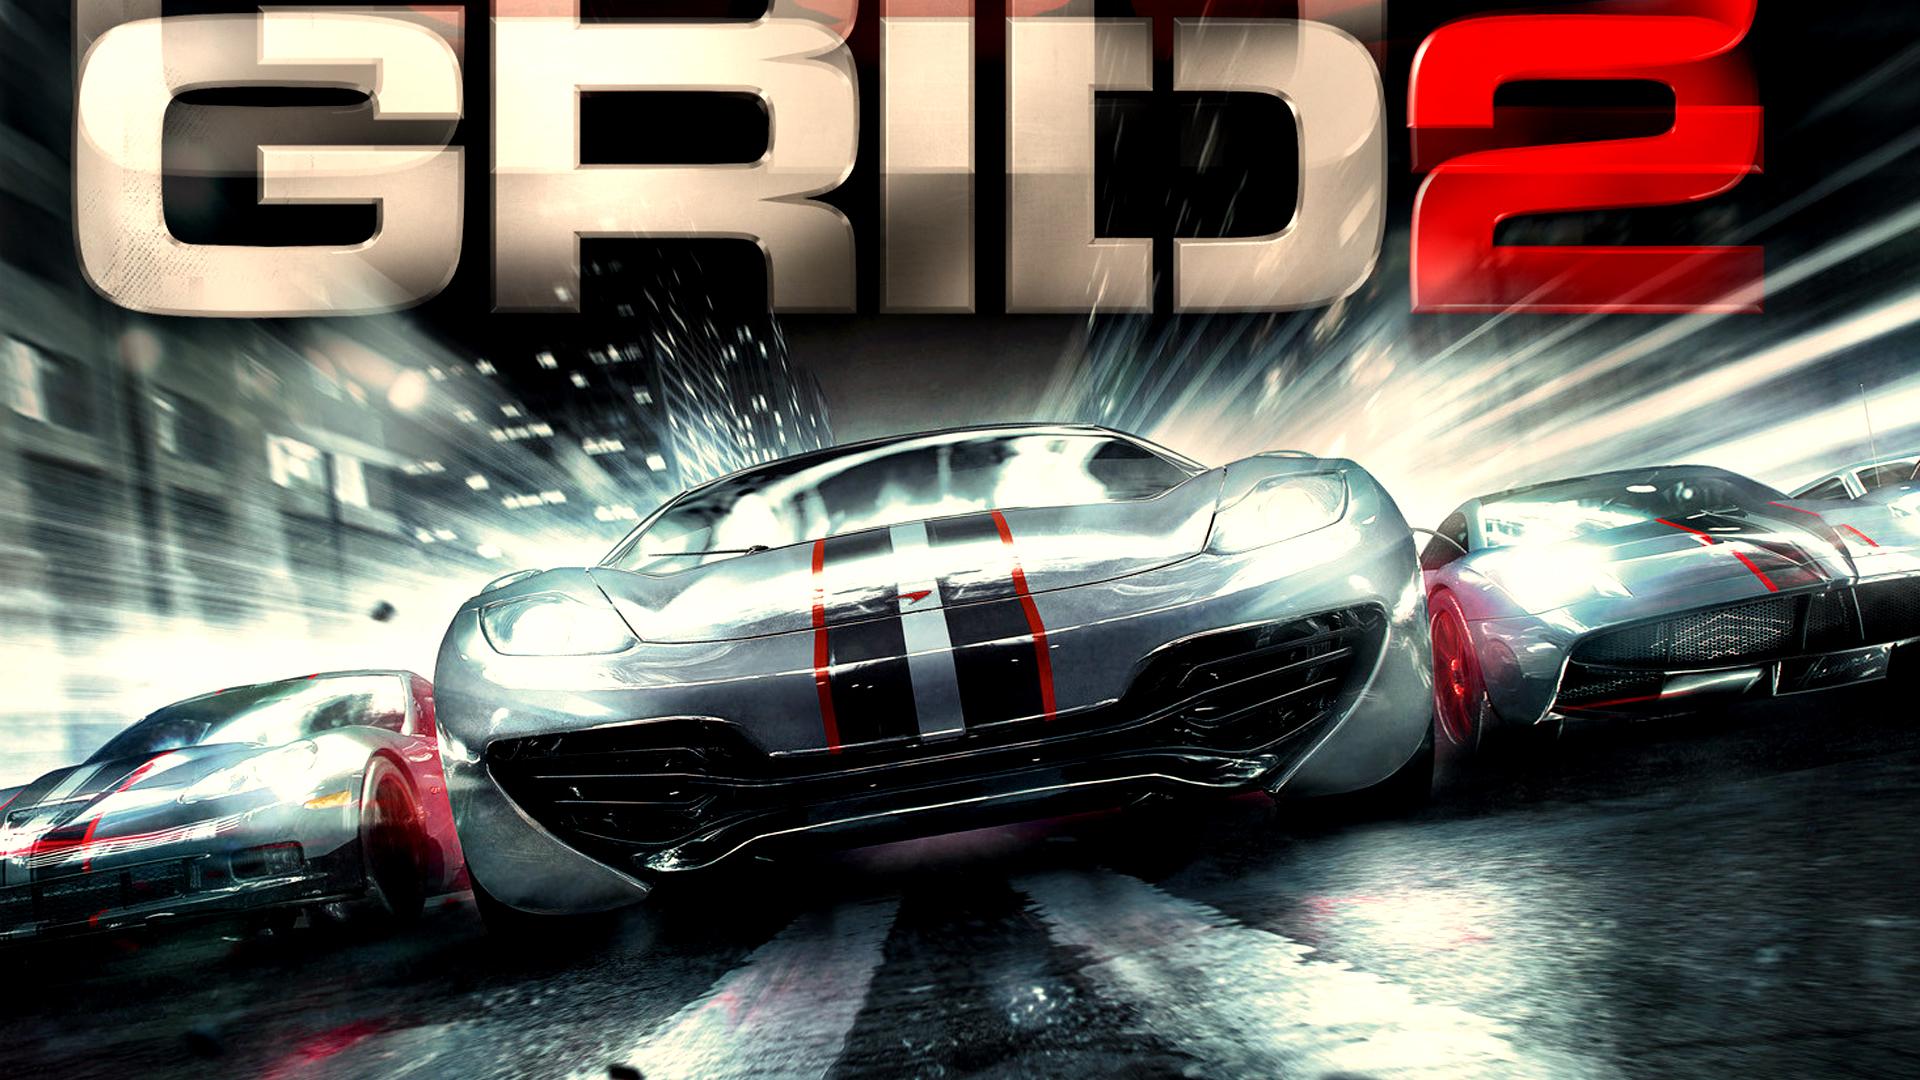 Titel_grid_2_game-hd